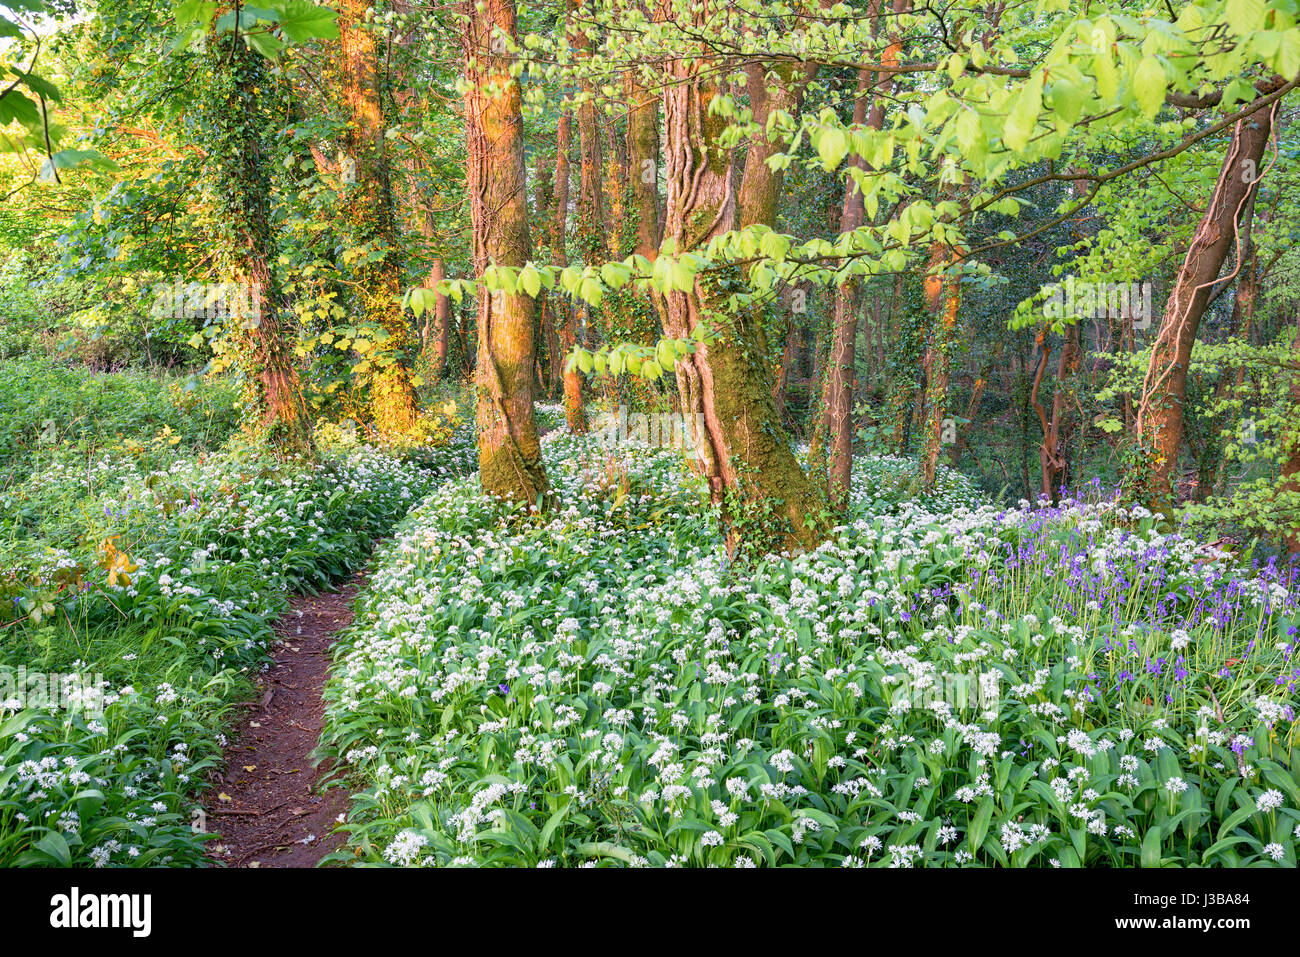 L'ail sauvage et de jacinthes des bois à près de Hayle en Cornouailles Photo Stock